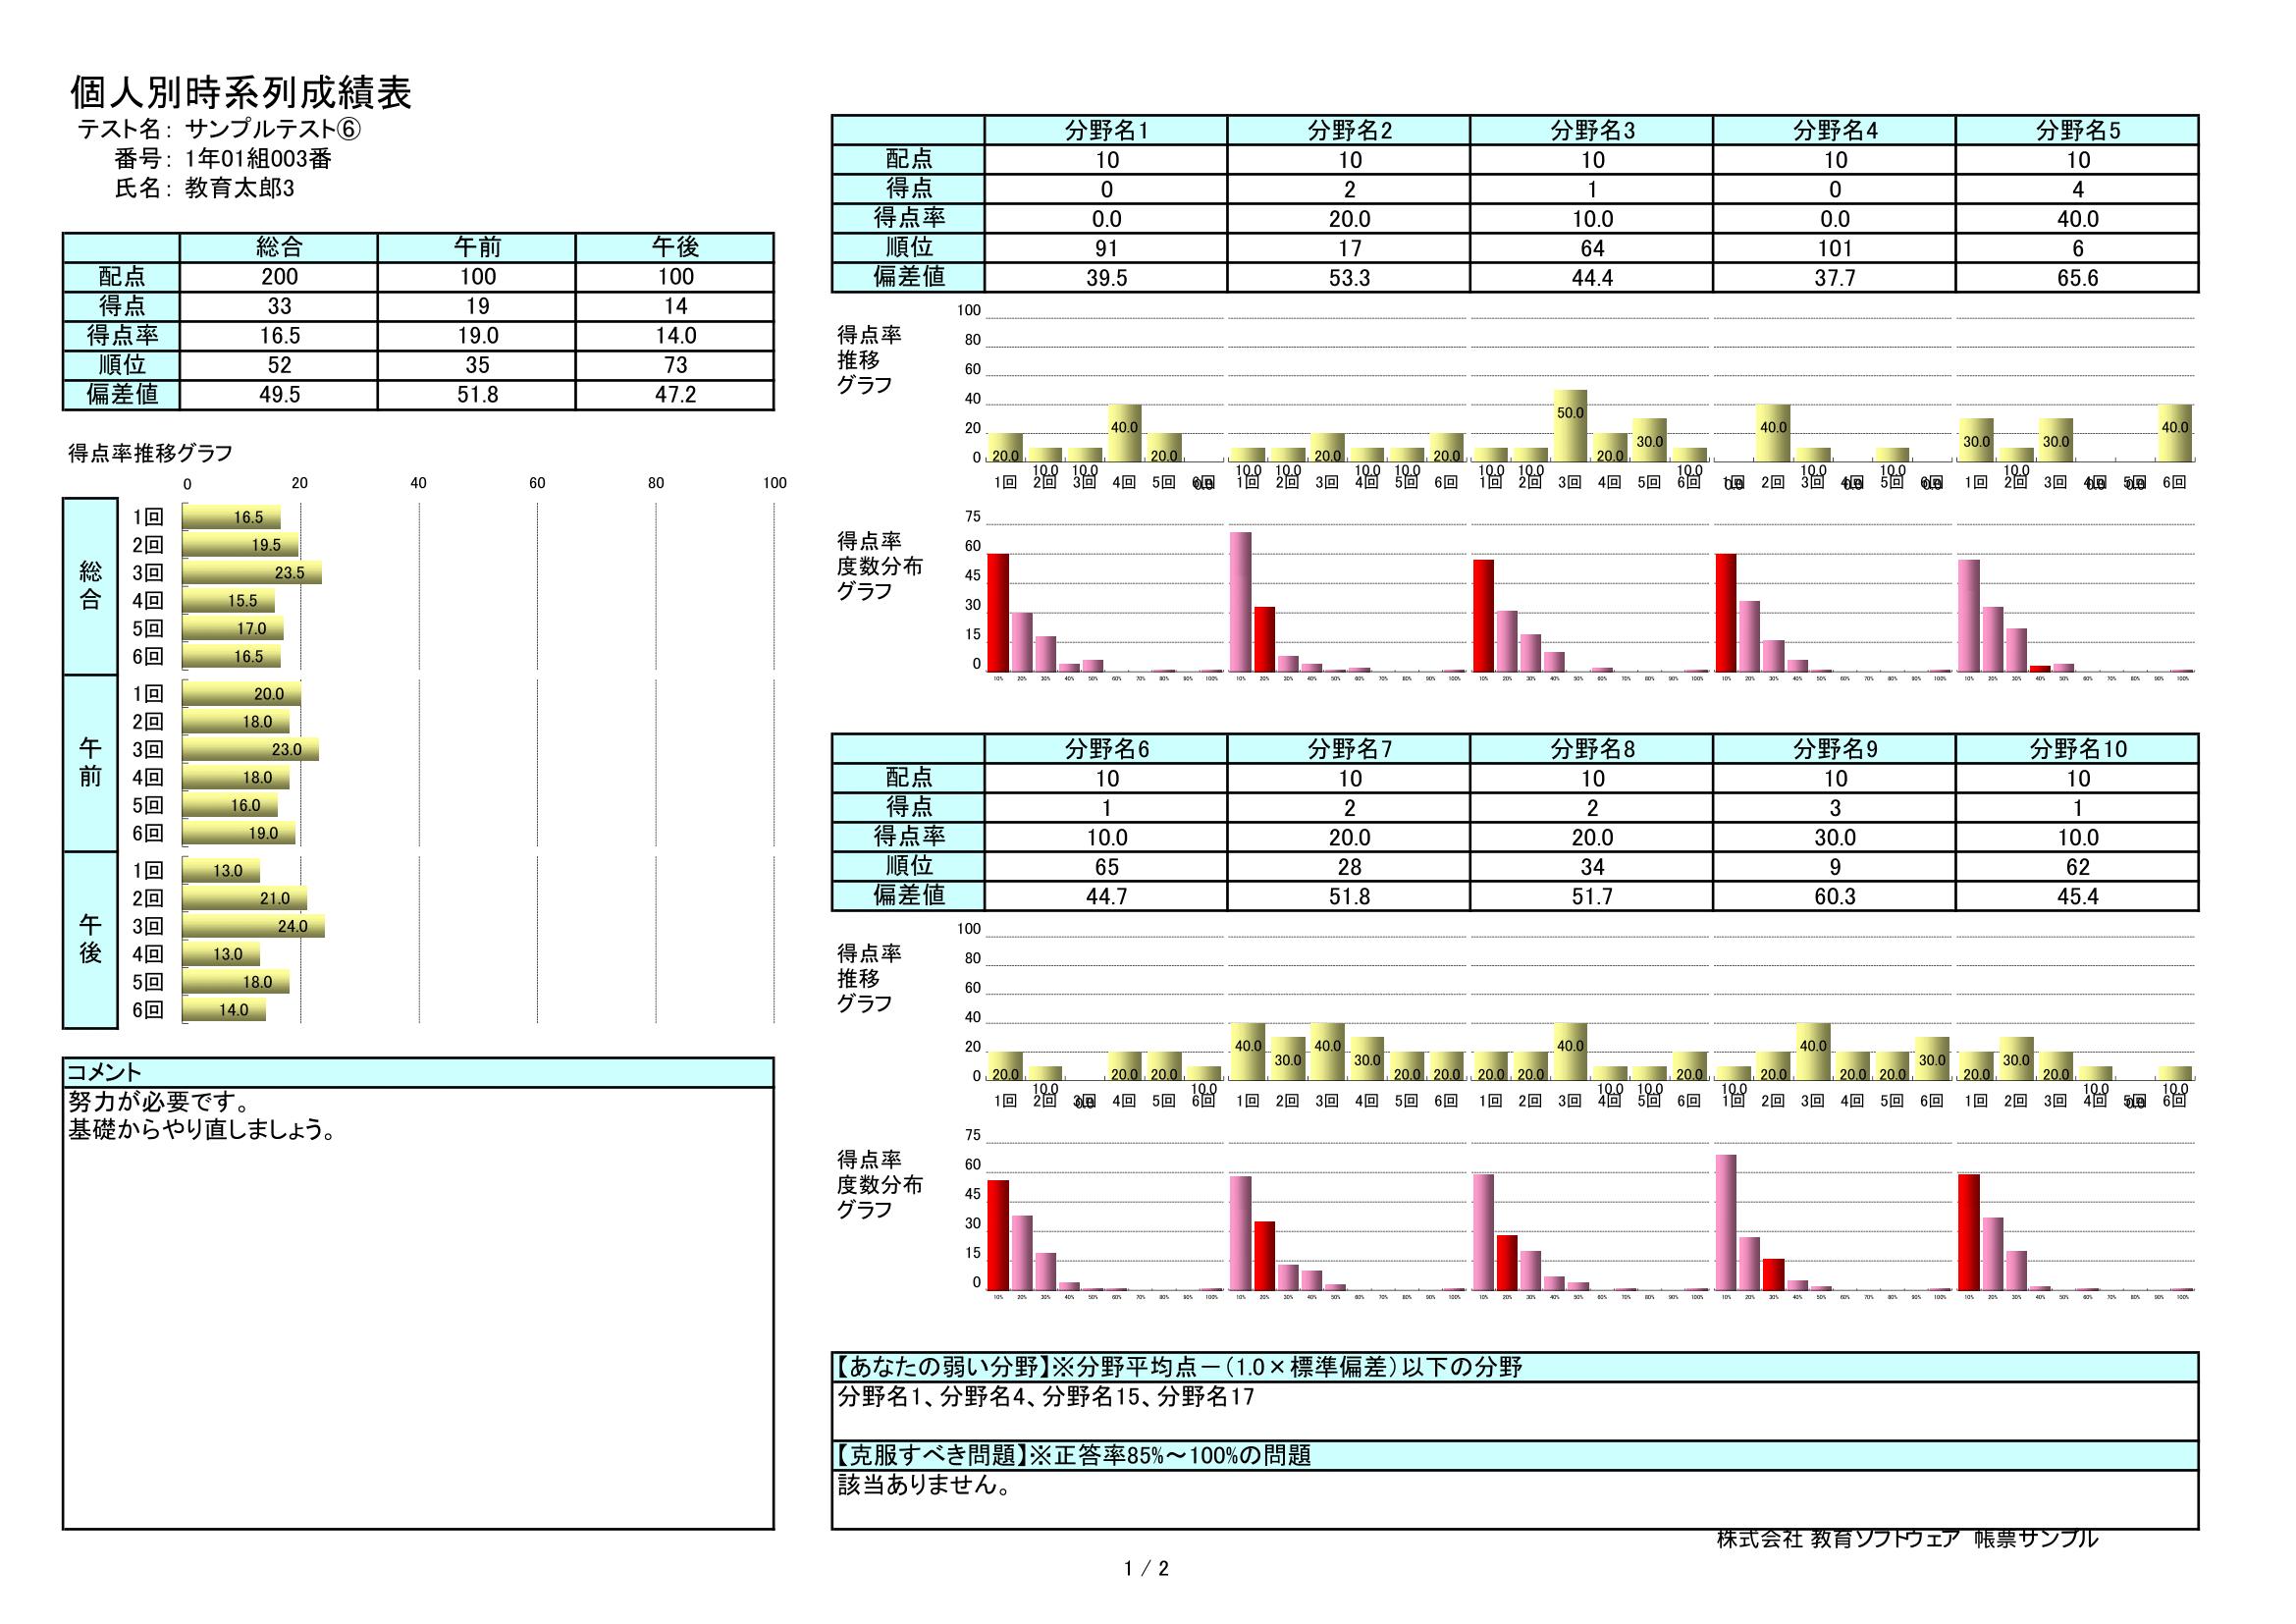 採点ソフト帳票サンプル-個人別時系列成績表